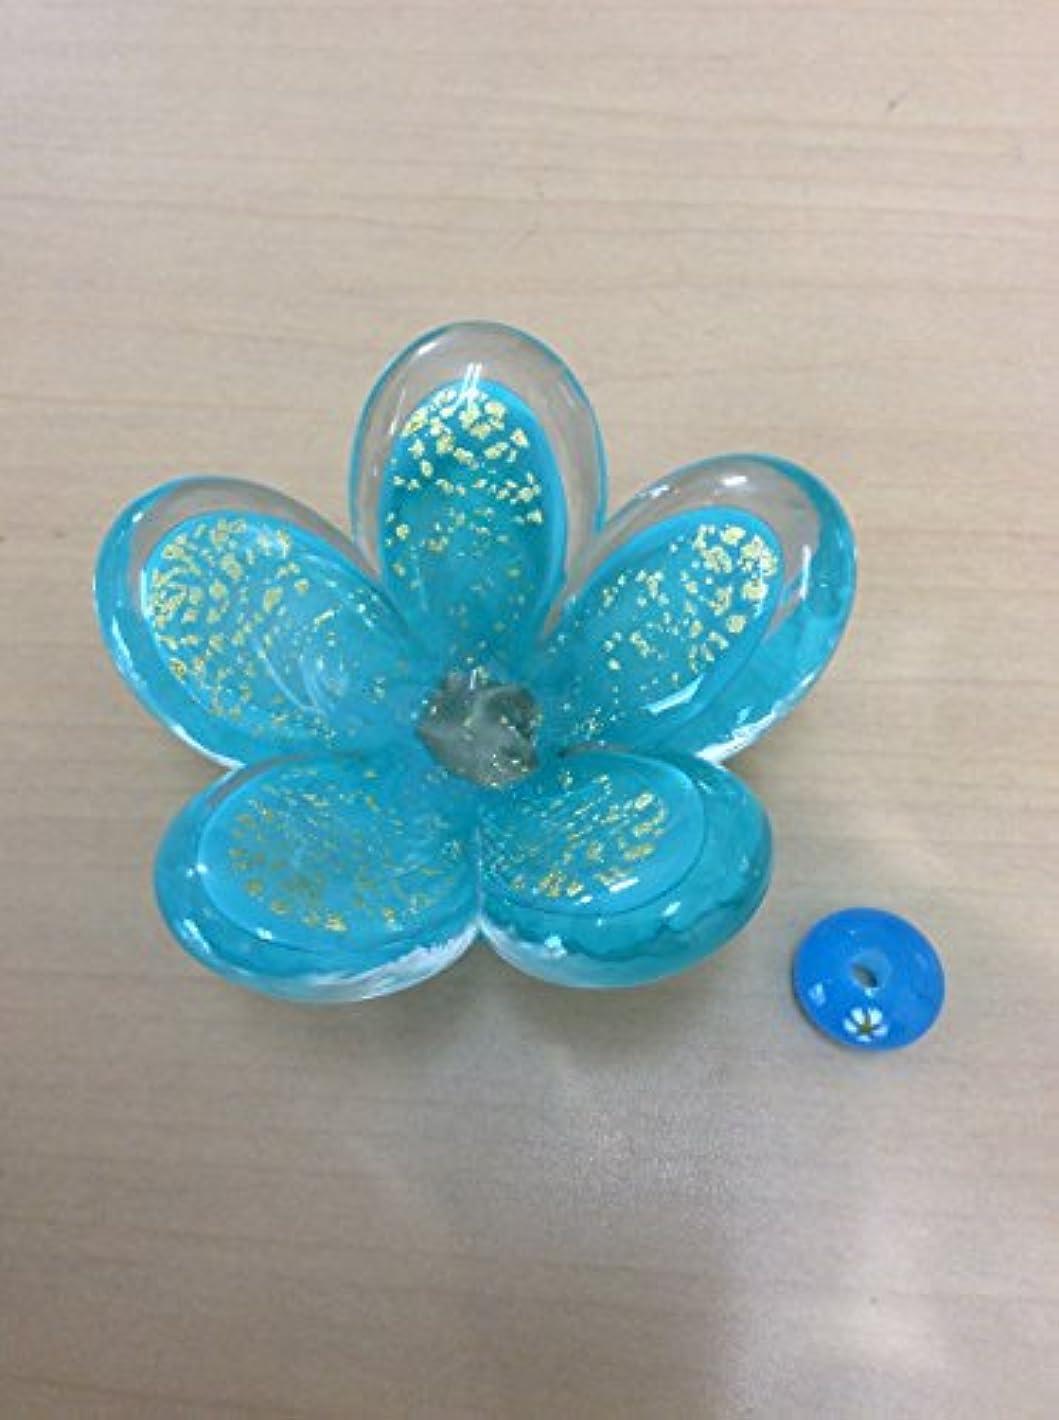 ずらすアラビア語記憶に残るガラスのお香立てセット 華香台(ブルー) 【HK-17】